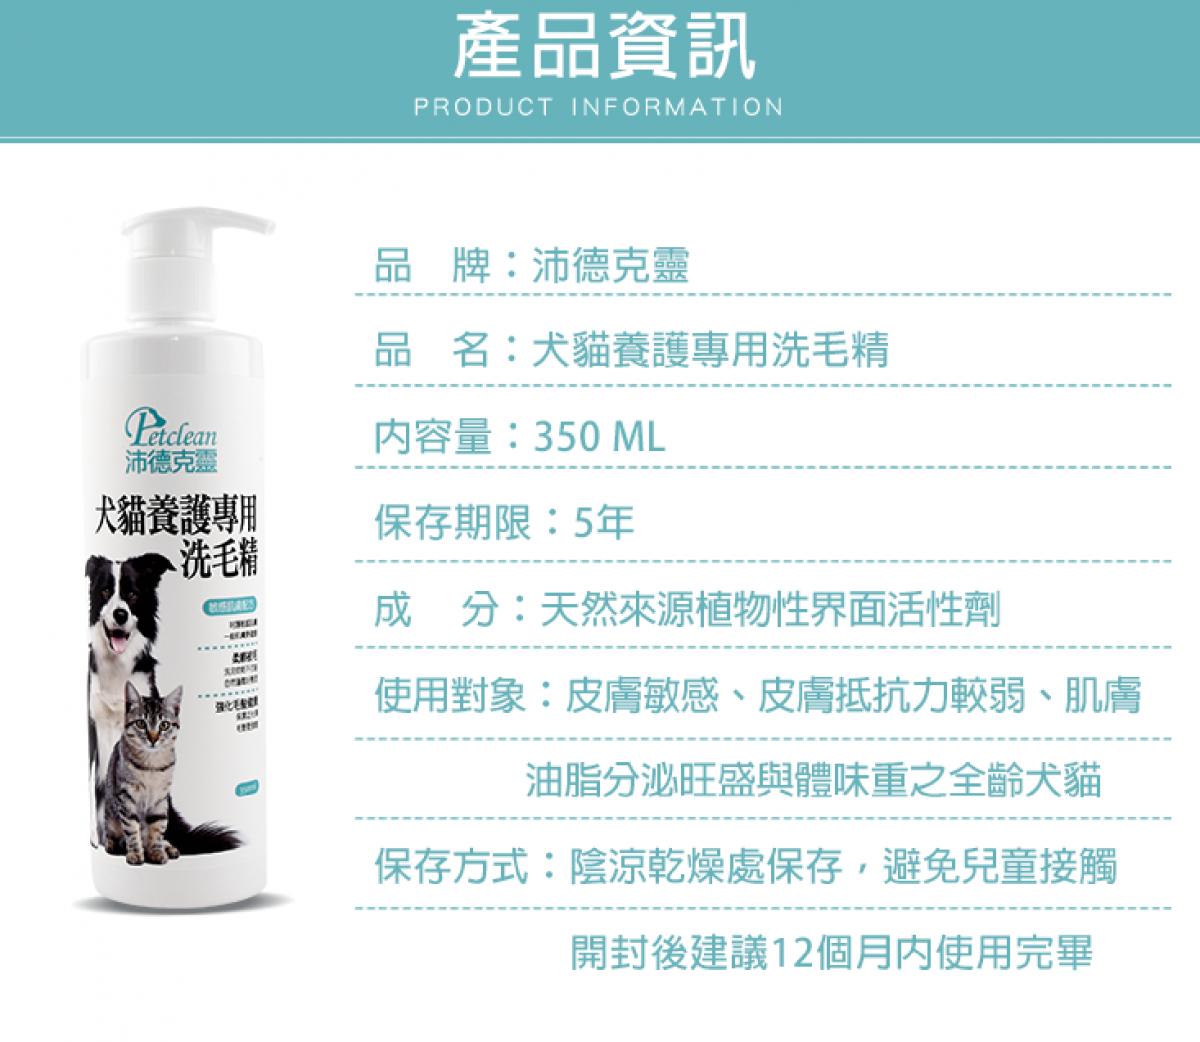 犬貓養護專用洗毛精 洗毛精 沛德克靈